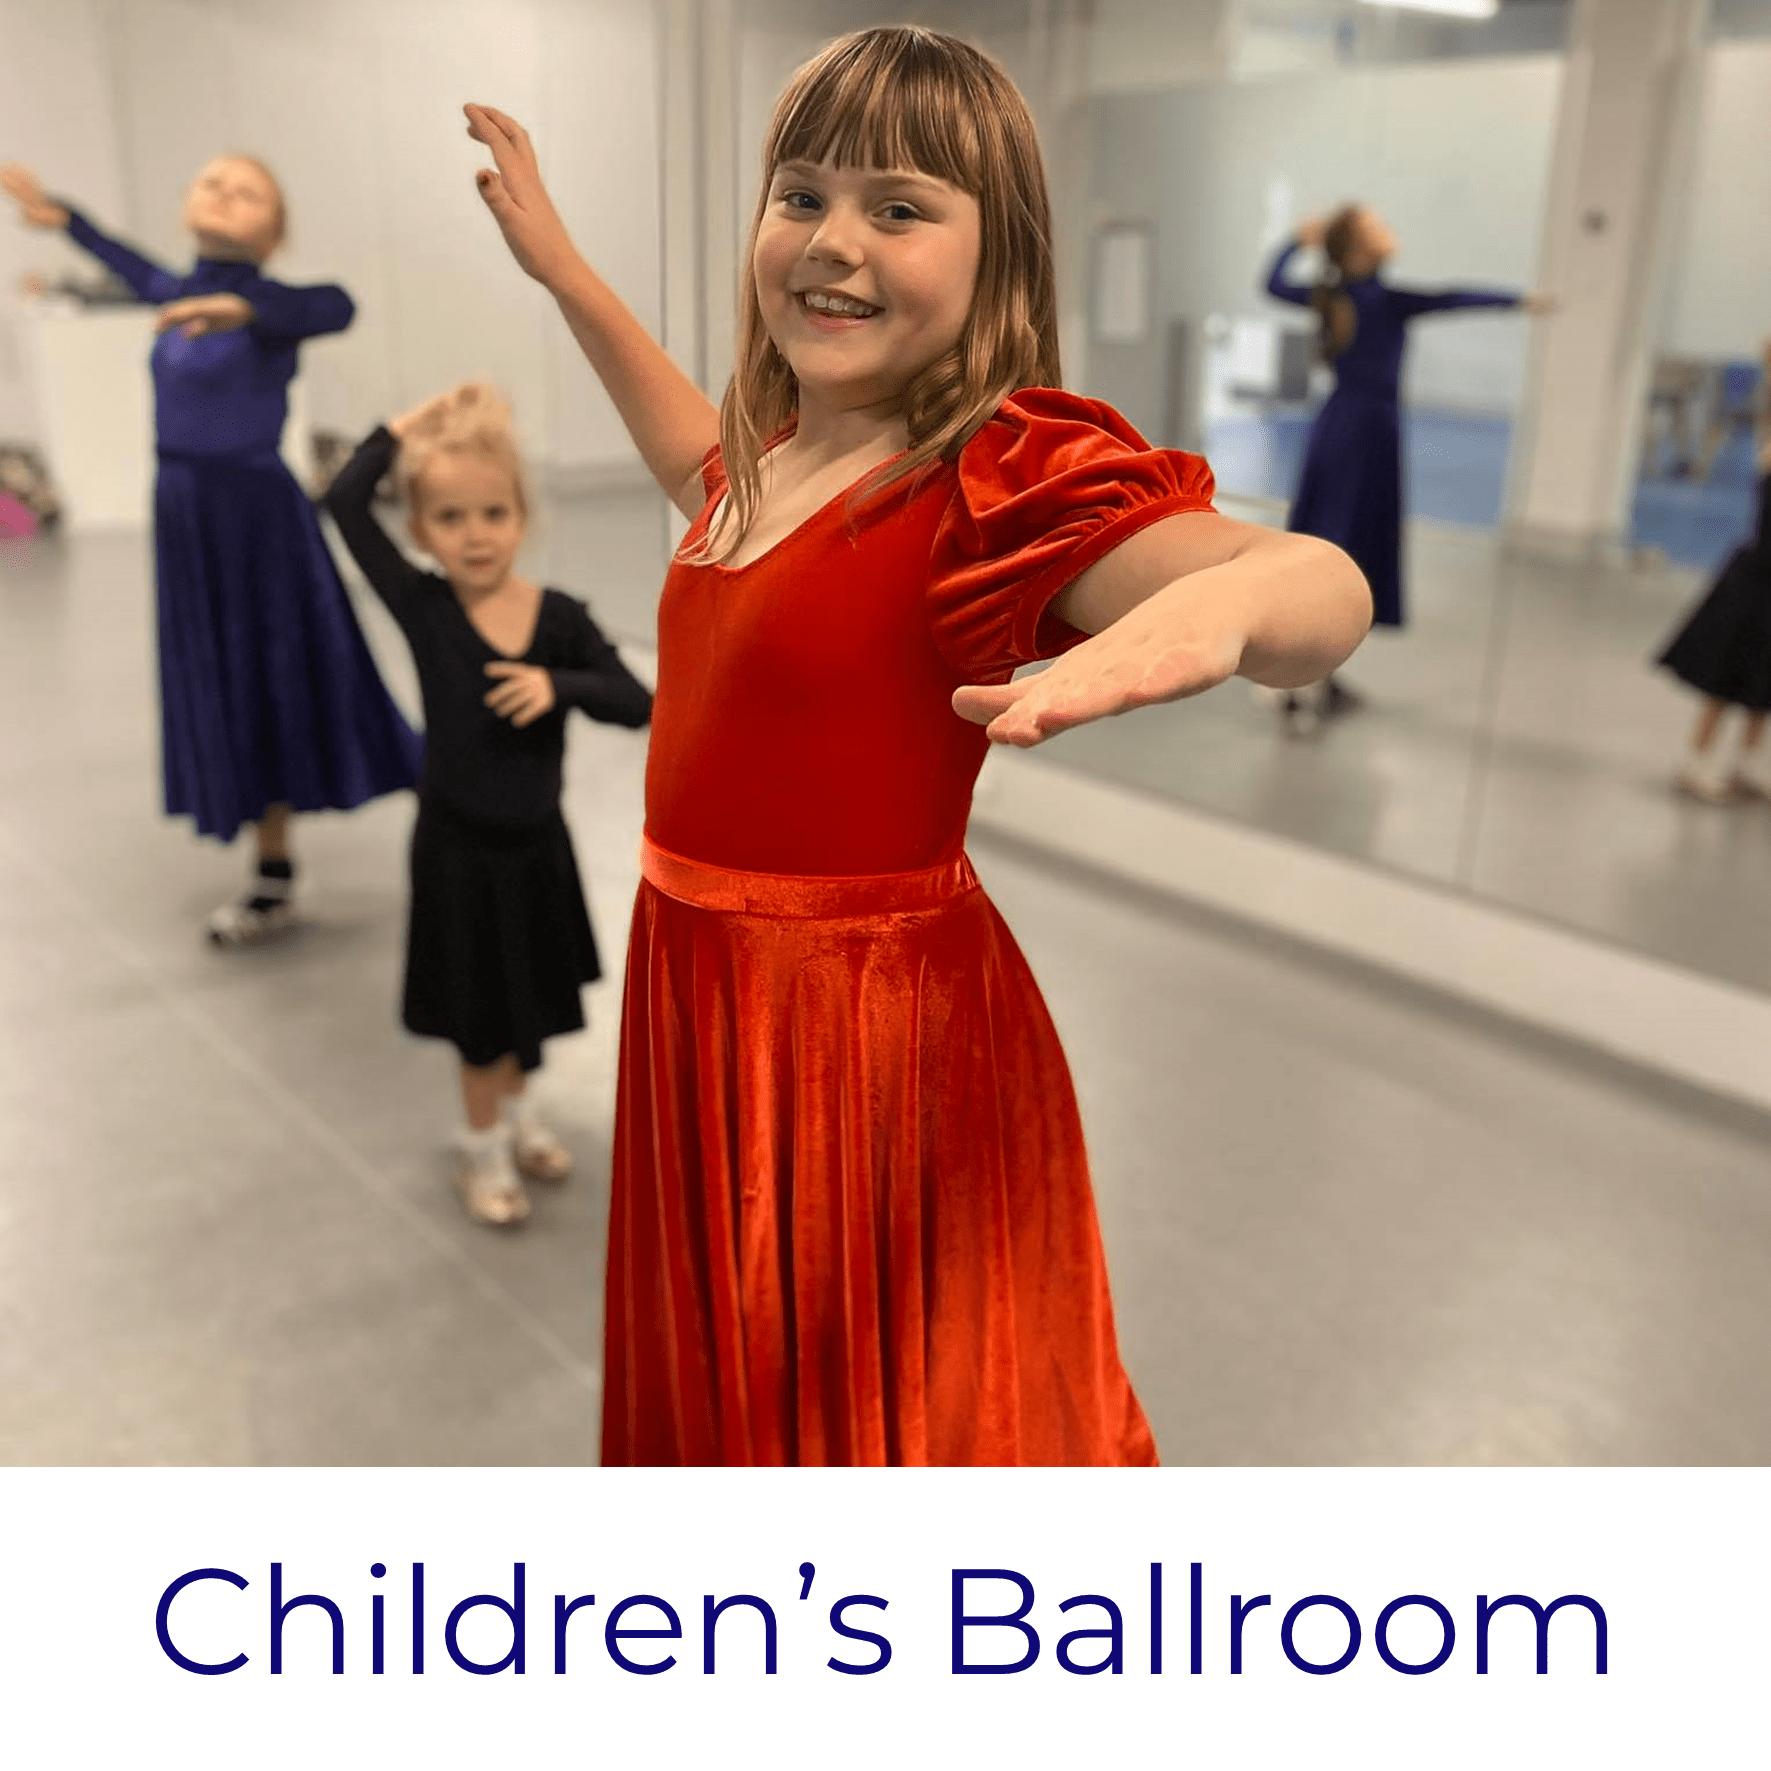 Children's Ballroom